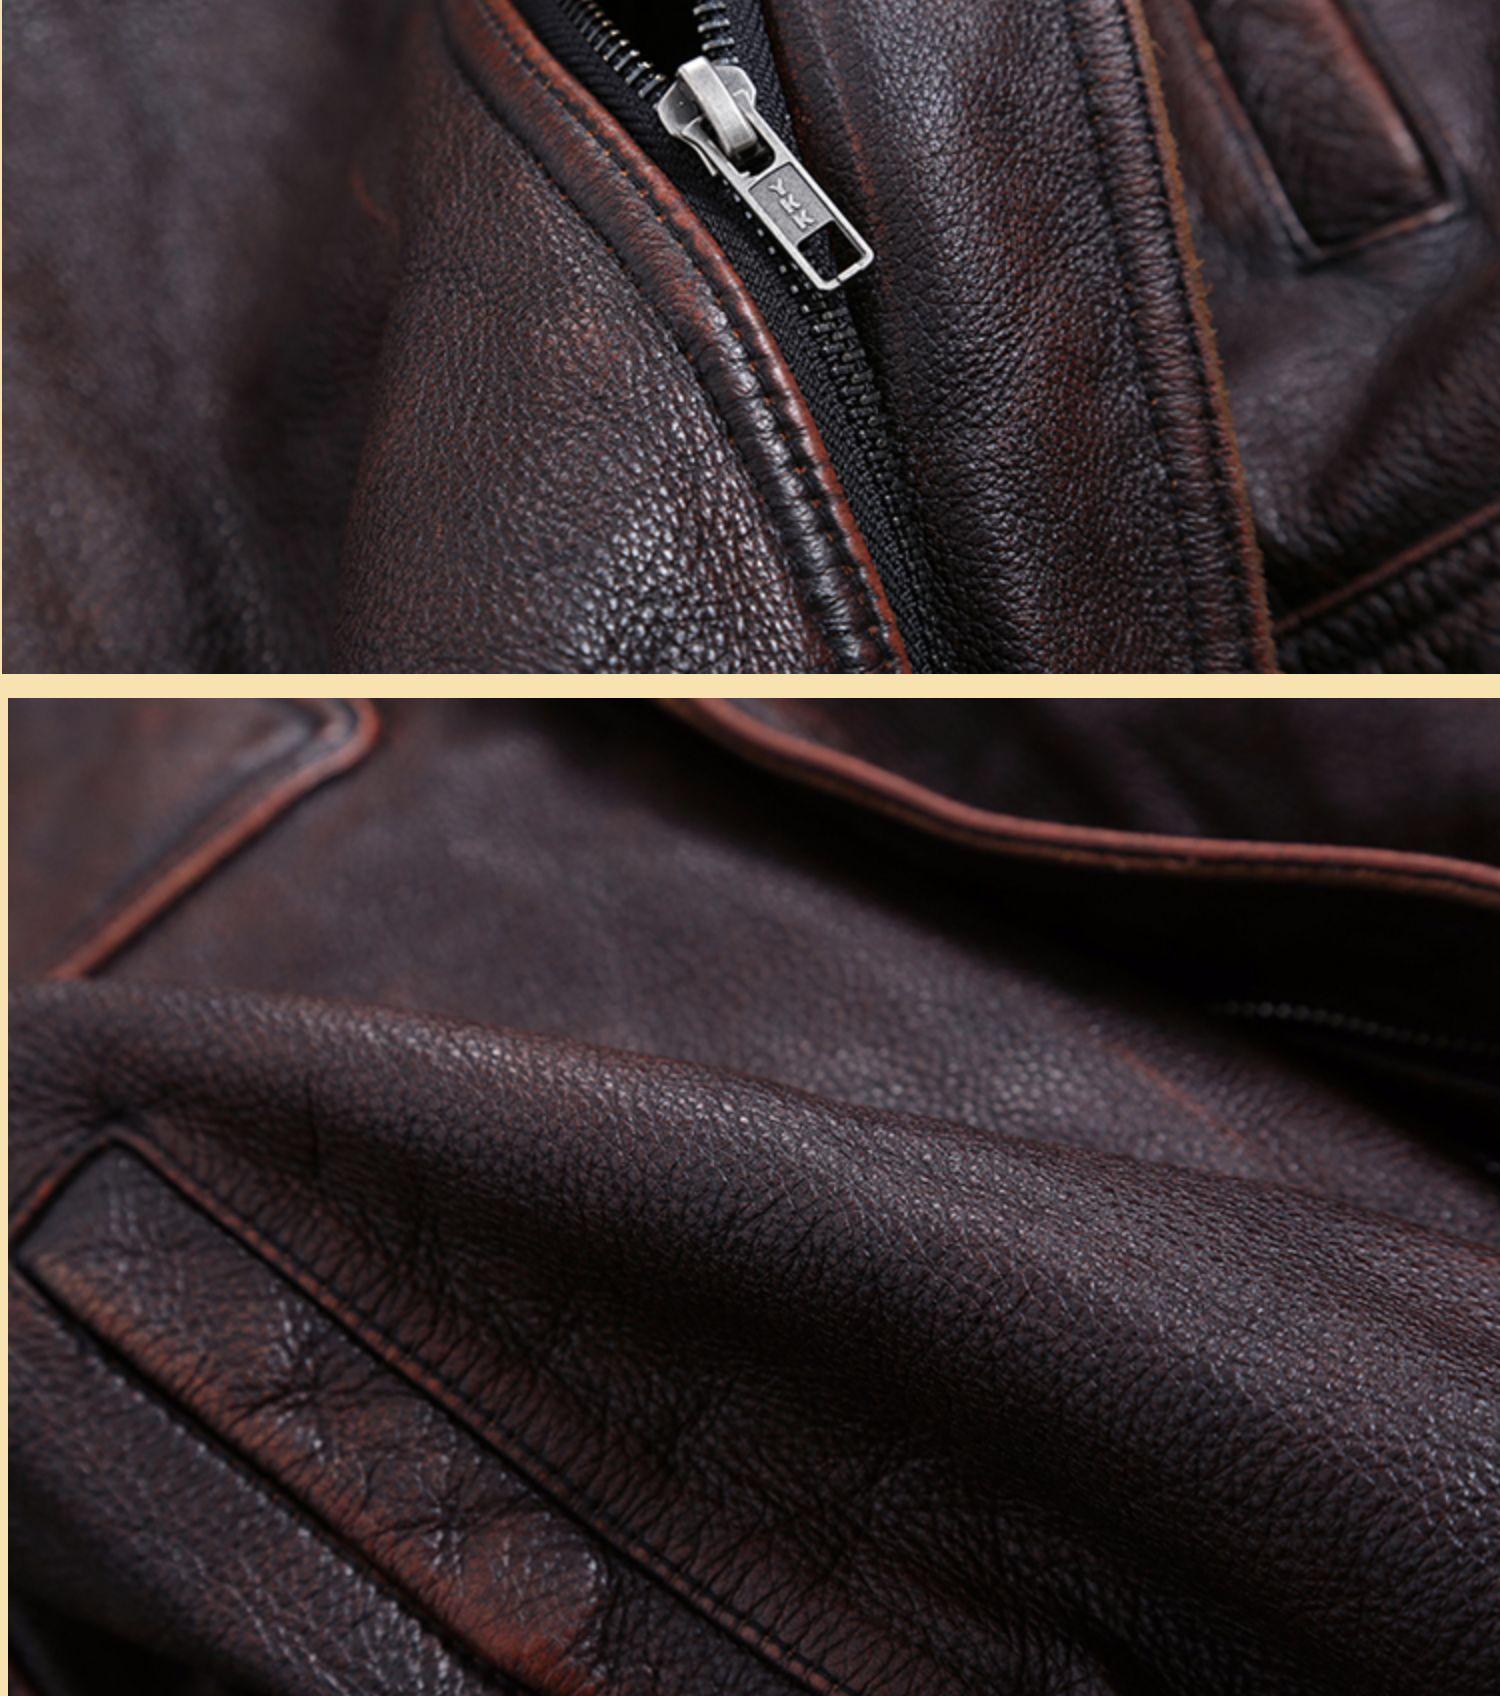 H1db6597f3020430cb2ea712c87005de9u AYUNSUE Vintage Genuine Cow Leather Jacket Men Plus Size Cowhide Leather Coat Slim Short Jacket Veste Cuir Homme L-Z-14 YY1366